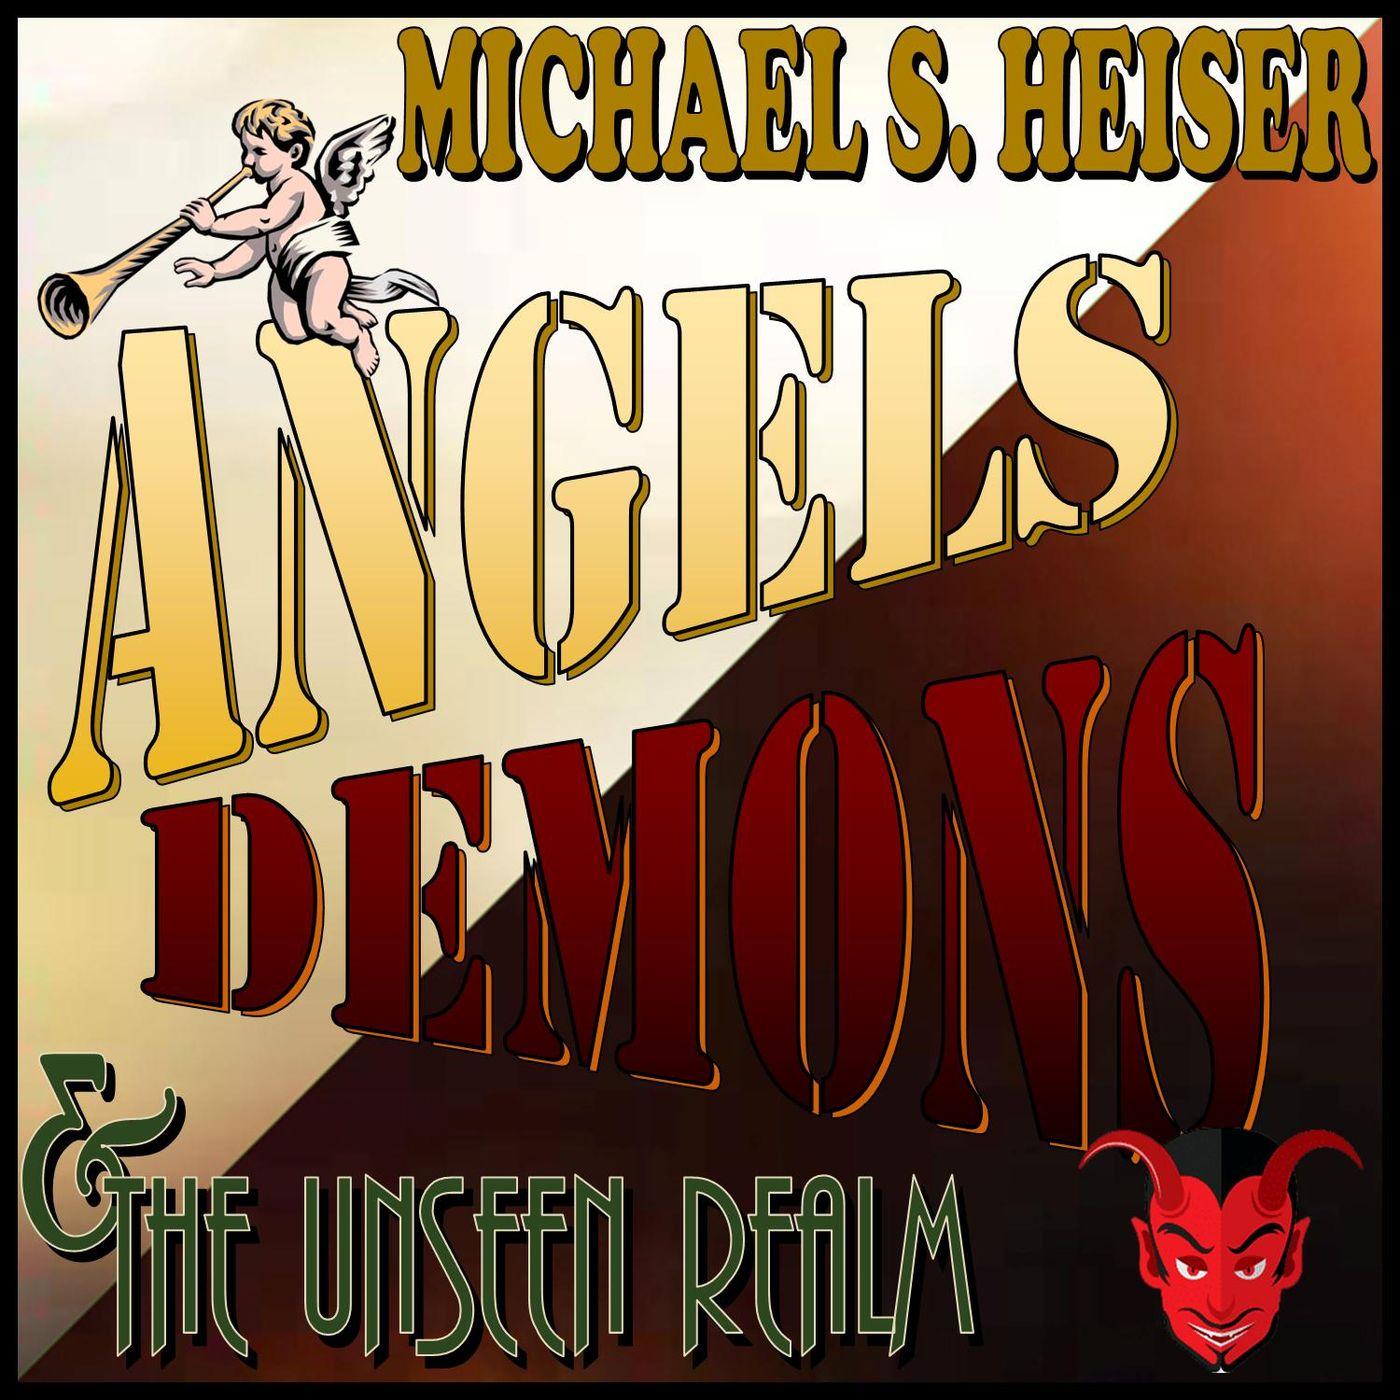 MIKE HEISER - Angels & Demons